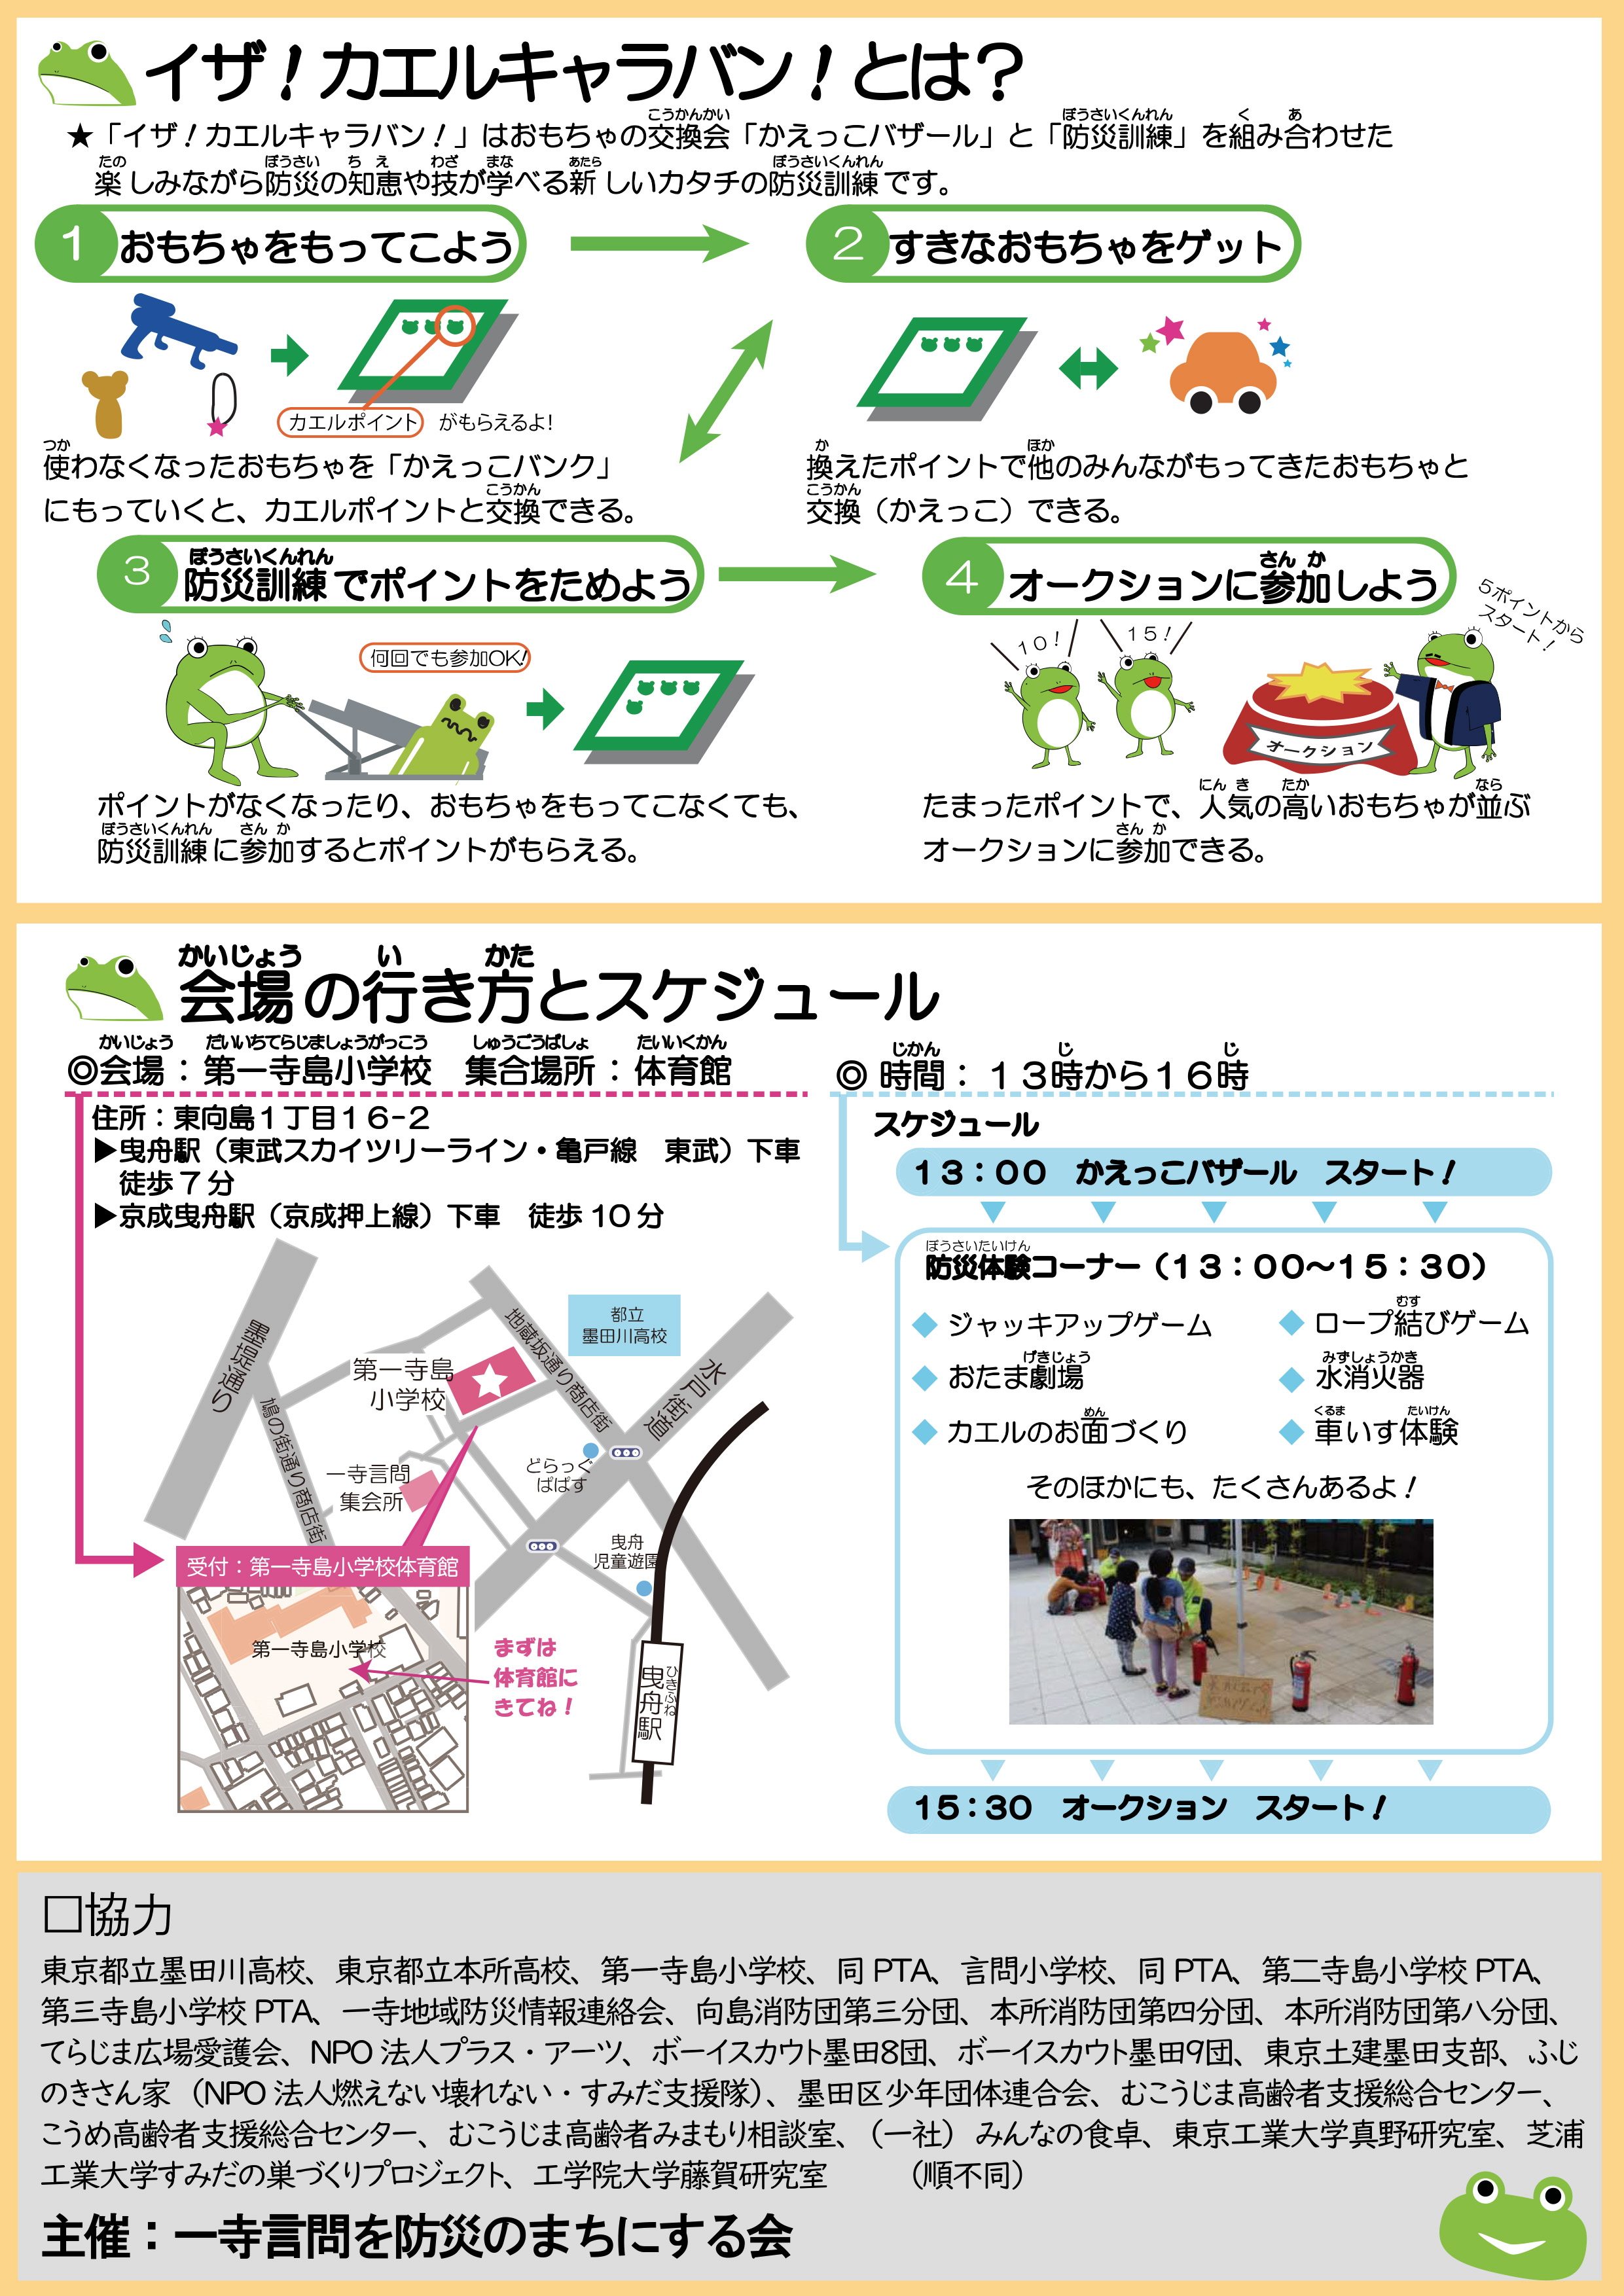 【印刷用】イザ!カエルキャラバン!in潮芦屋 (1)-2